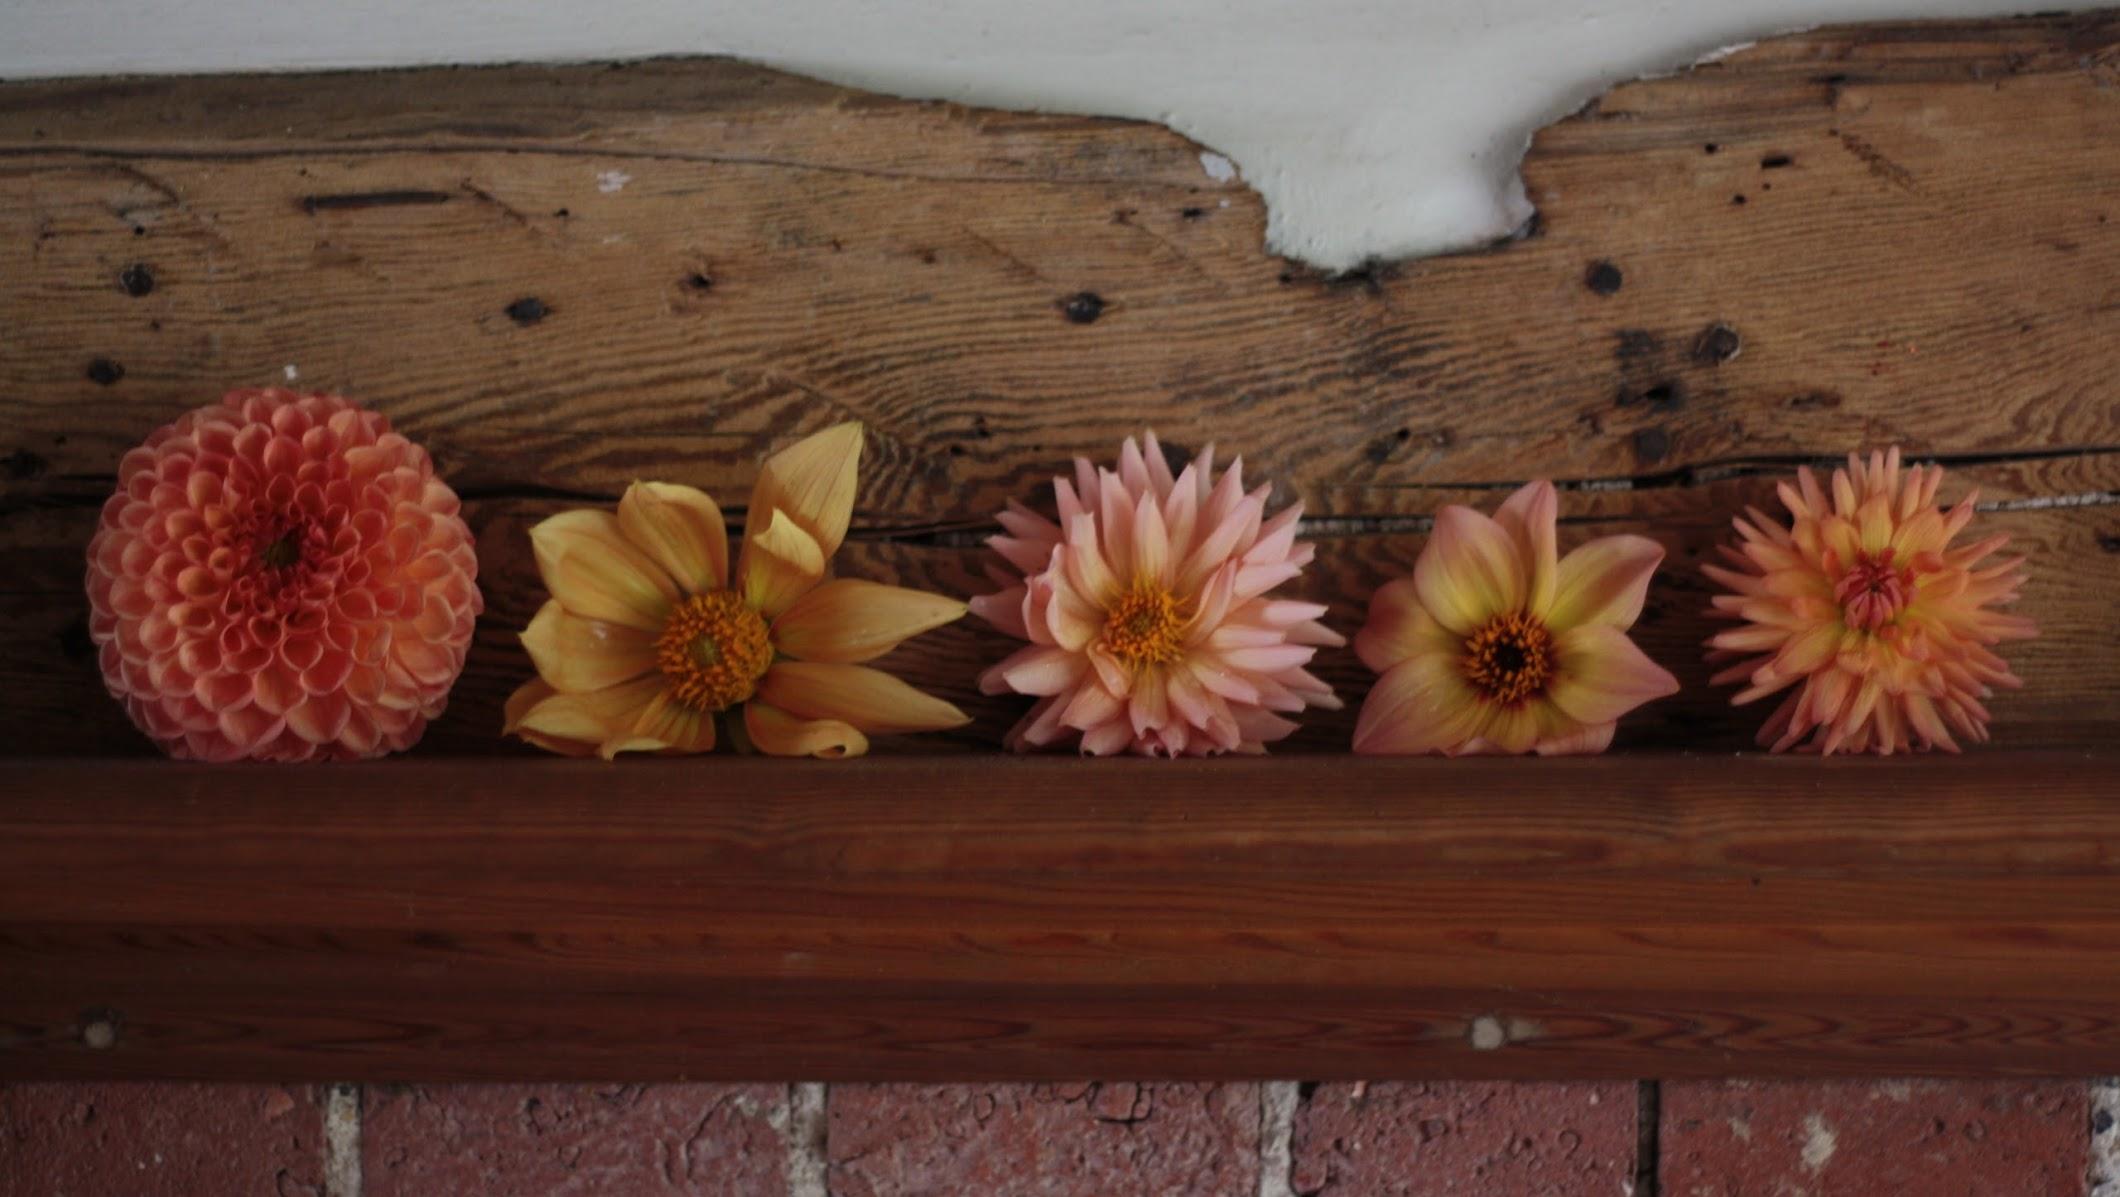 Anna's Flower Farm